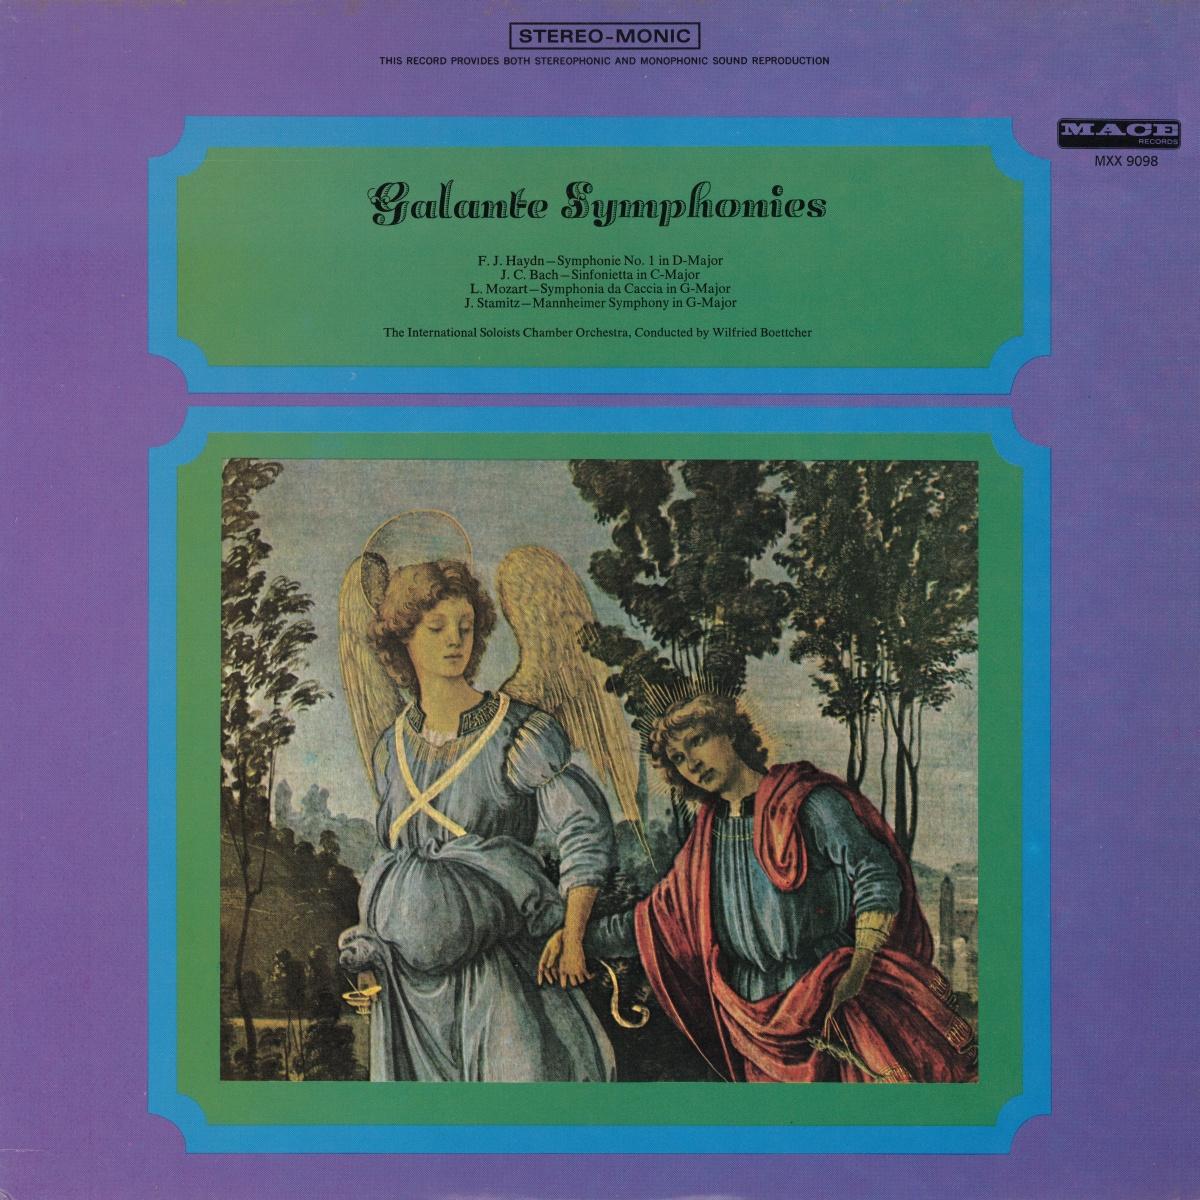 Recto de la pochette du disque MACE 9098